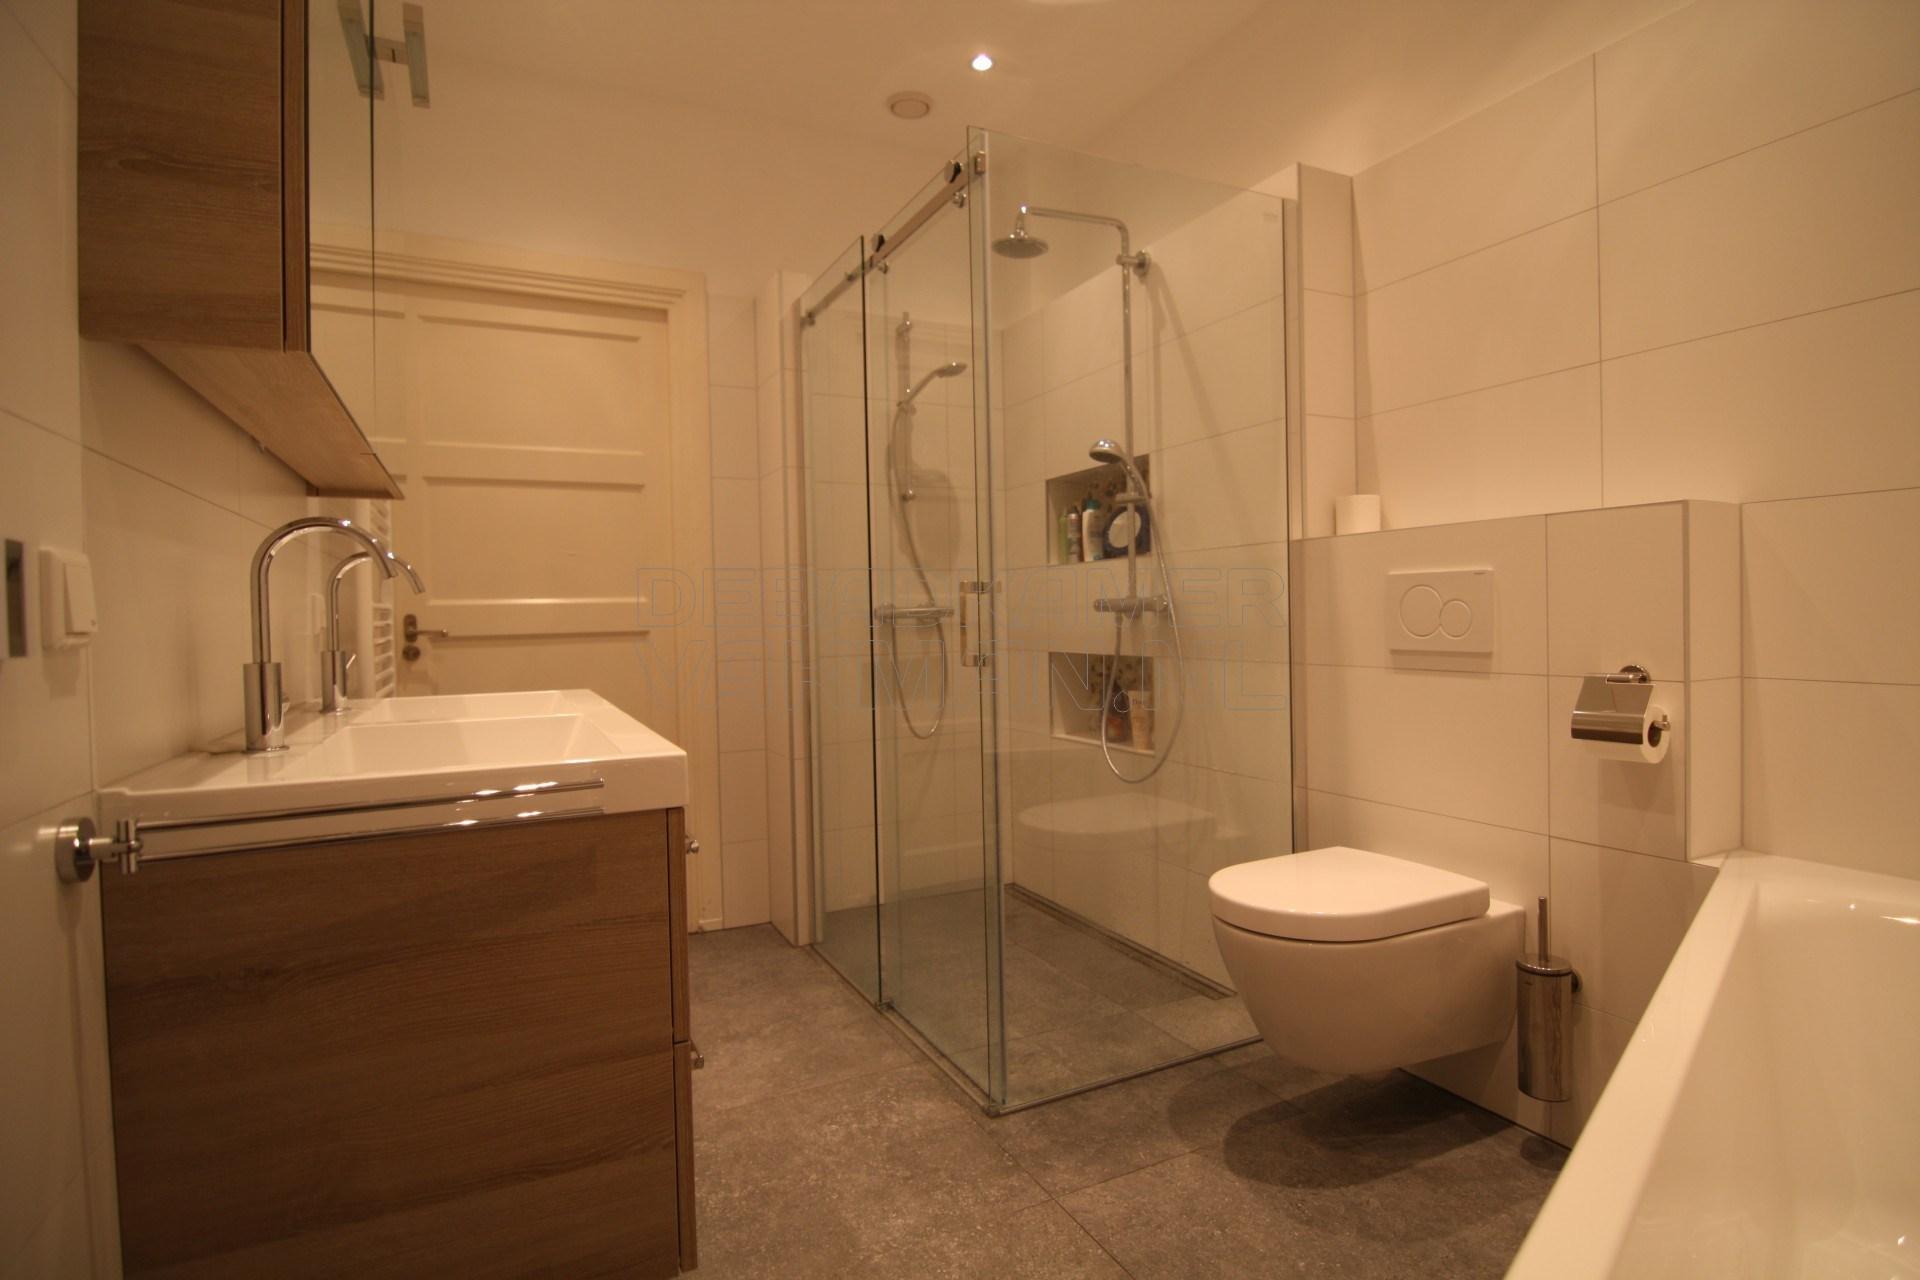 Badkamer Compleet Den Haag.Badkamervakman Complete Badkamer Verbouwingen 1500 Succesvolle